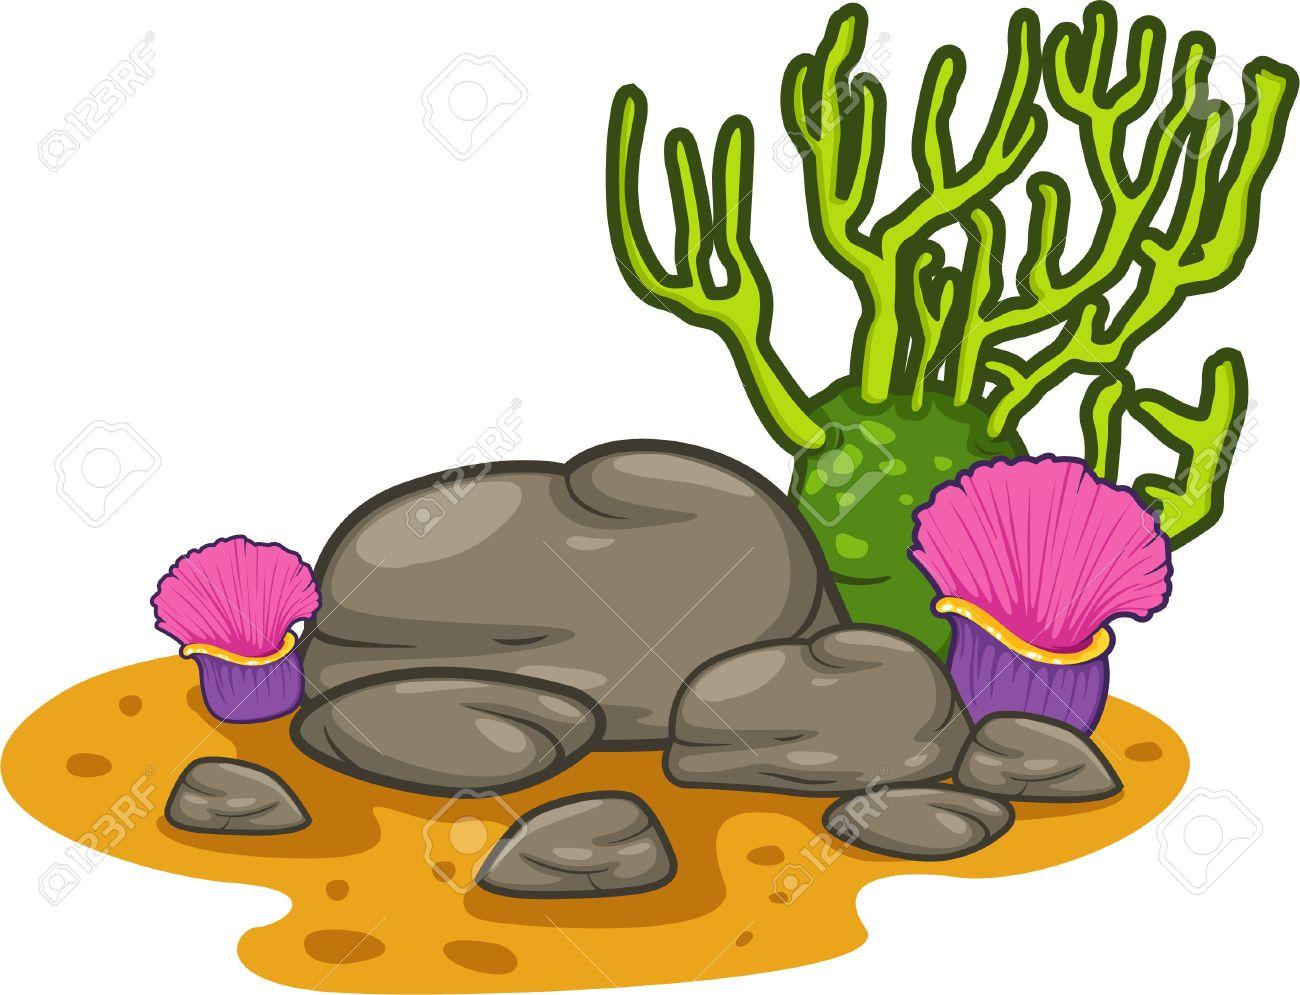 Under the sea corals clipart.